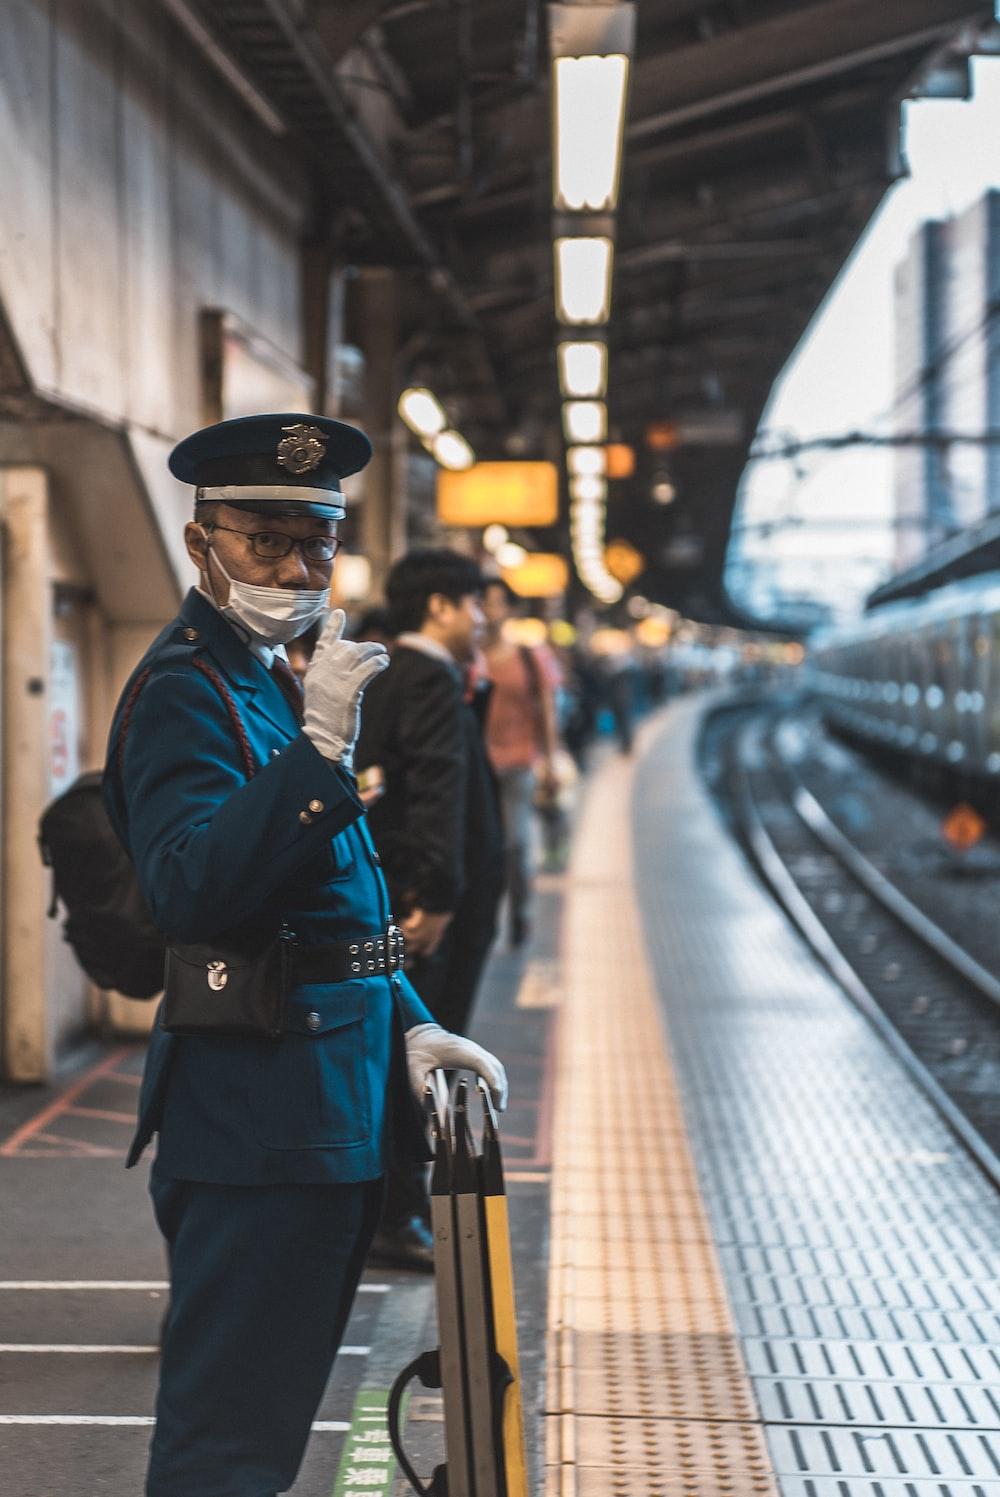 man in a uniform by train tracks